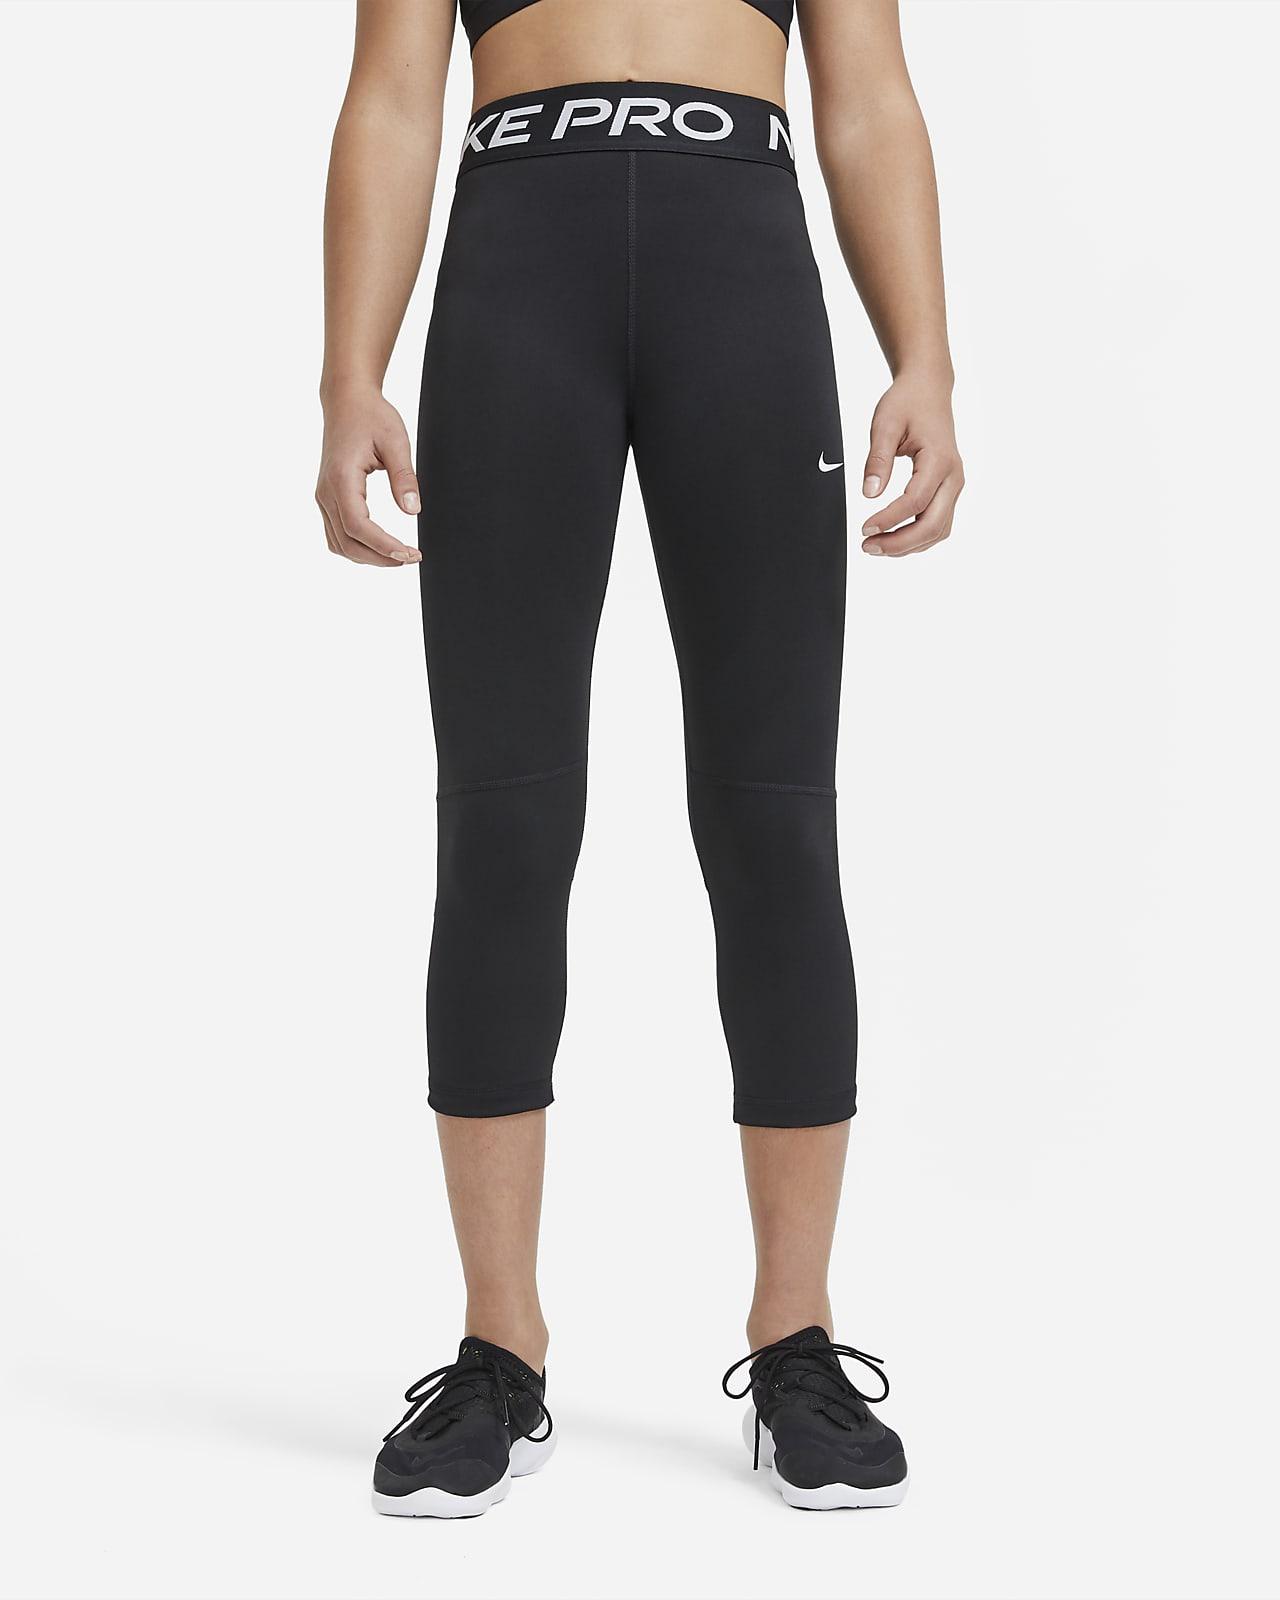 Капри для девочек школьного возраста Nike Pro